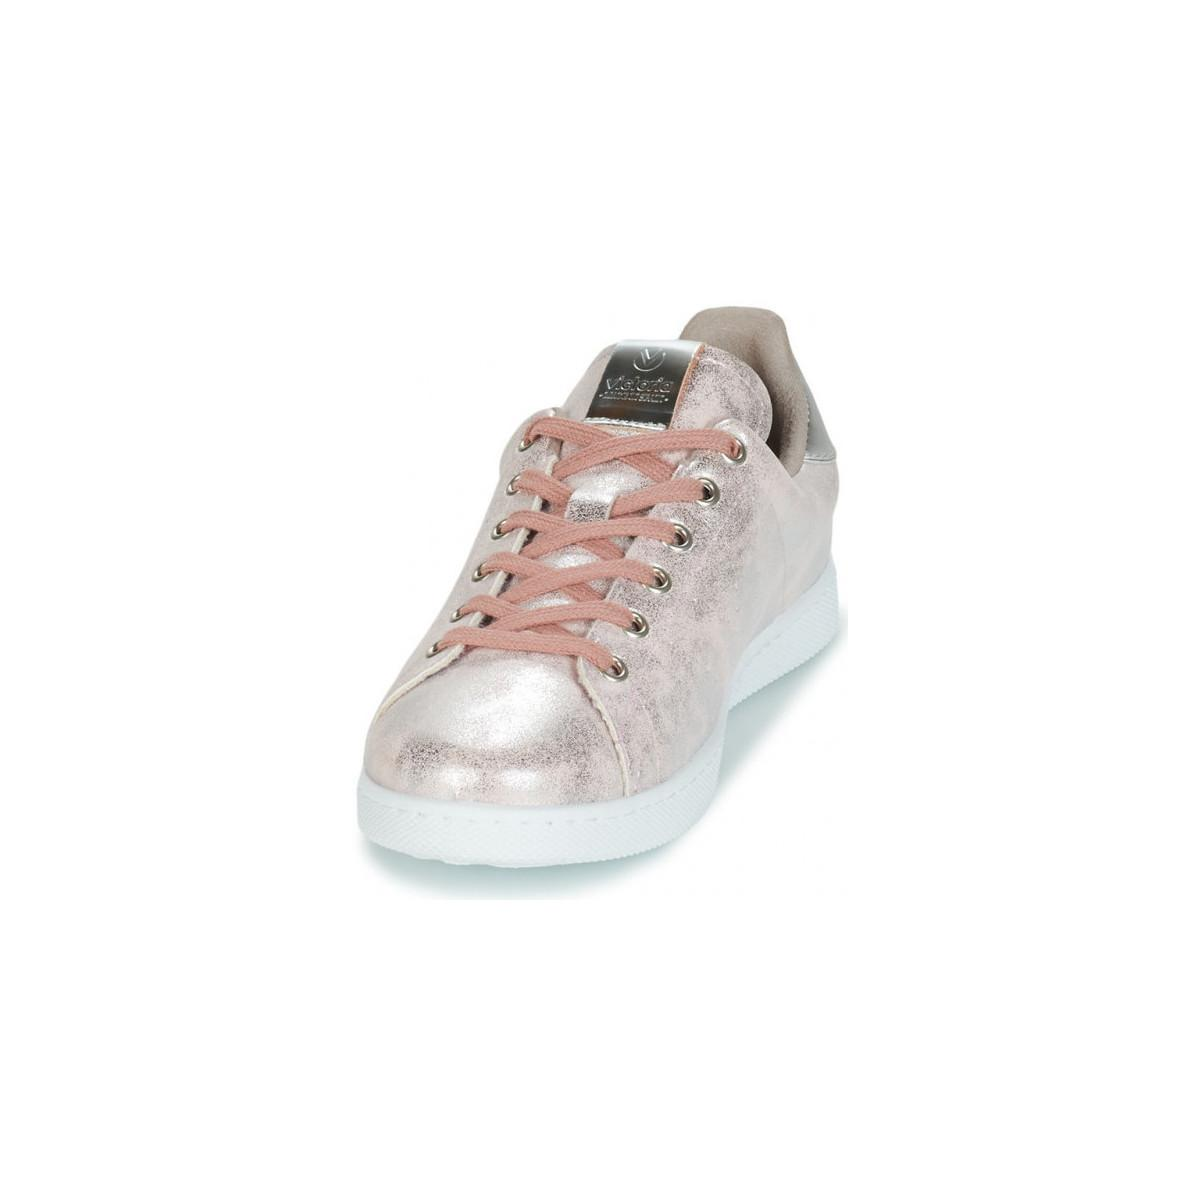 125185 Chaussures Victoria en coloris Rose - 22 % de réduction